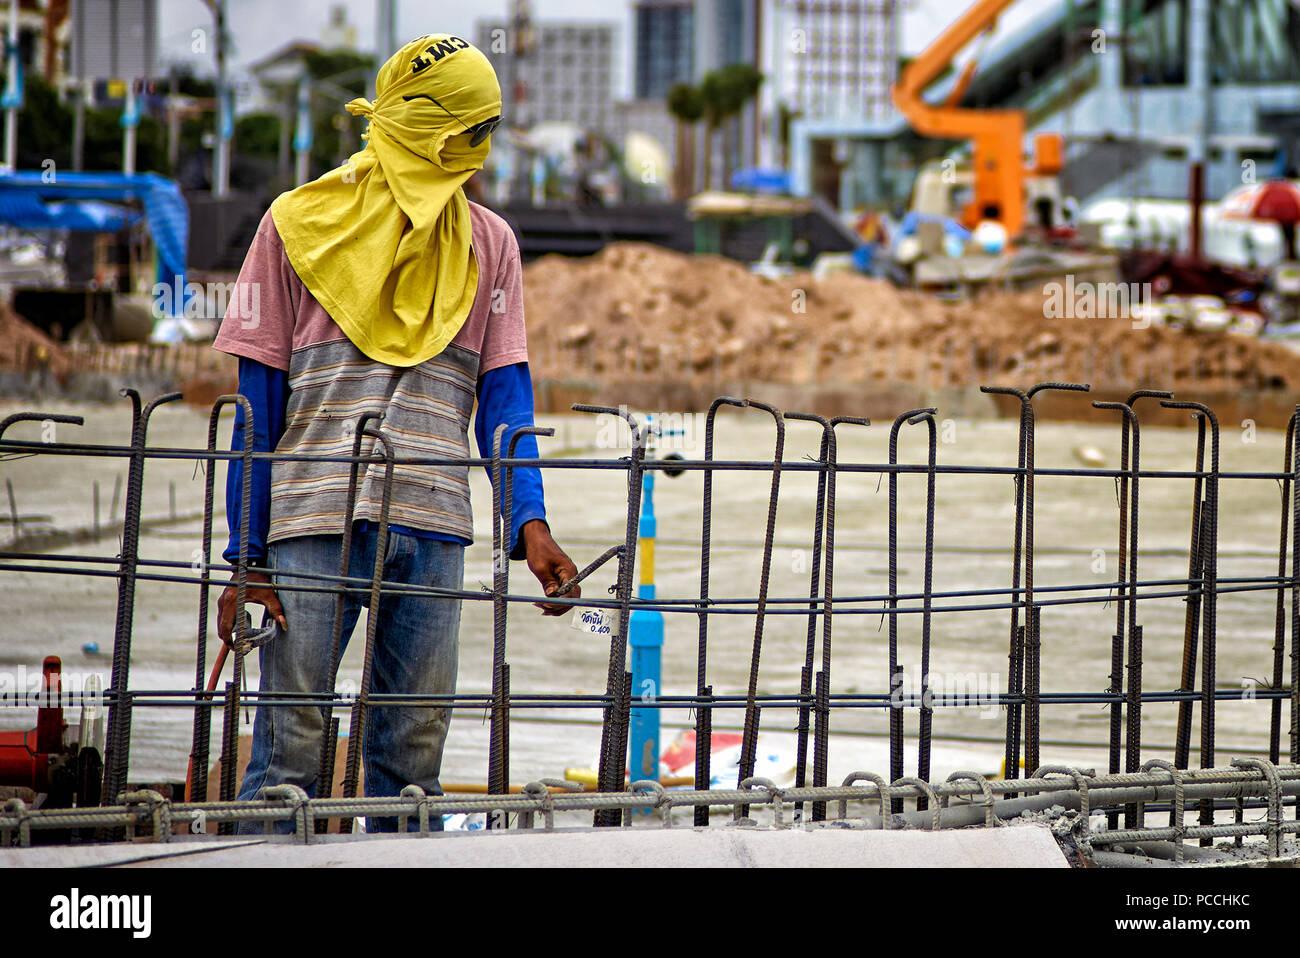 Thailandia lavoratore edile di indossare la protezione termica della copertura di testa e maschera facciale Immagini Stock